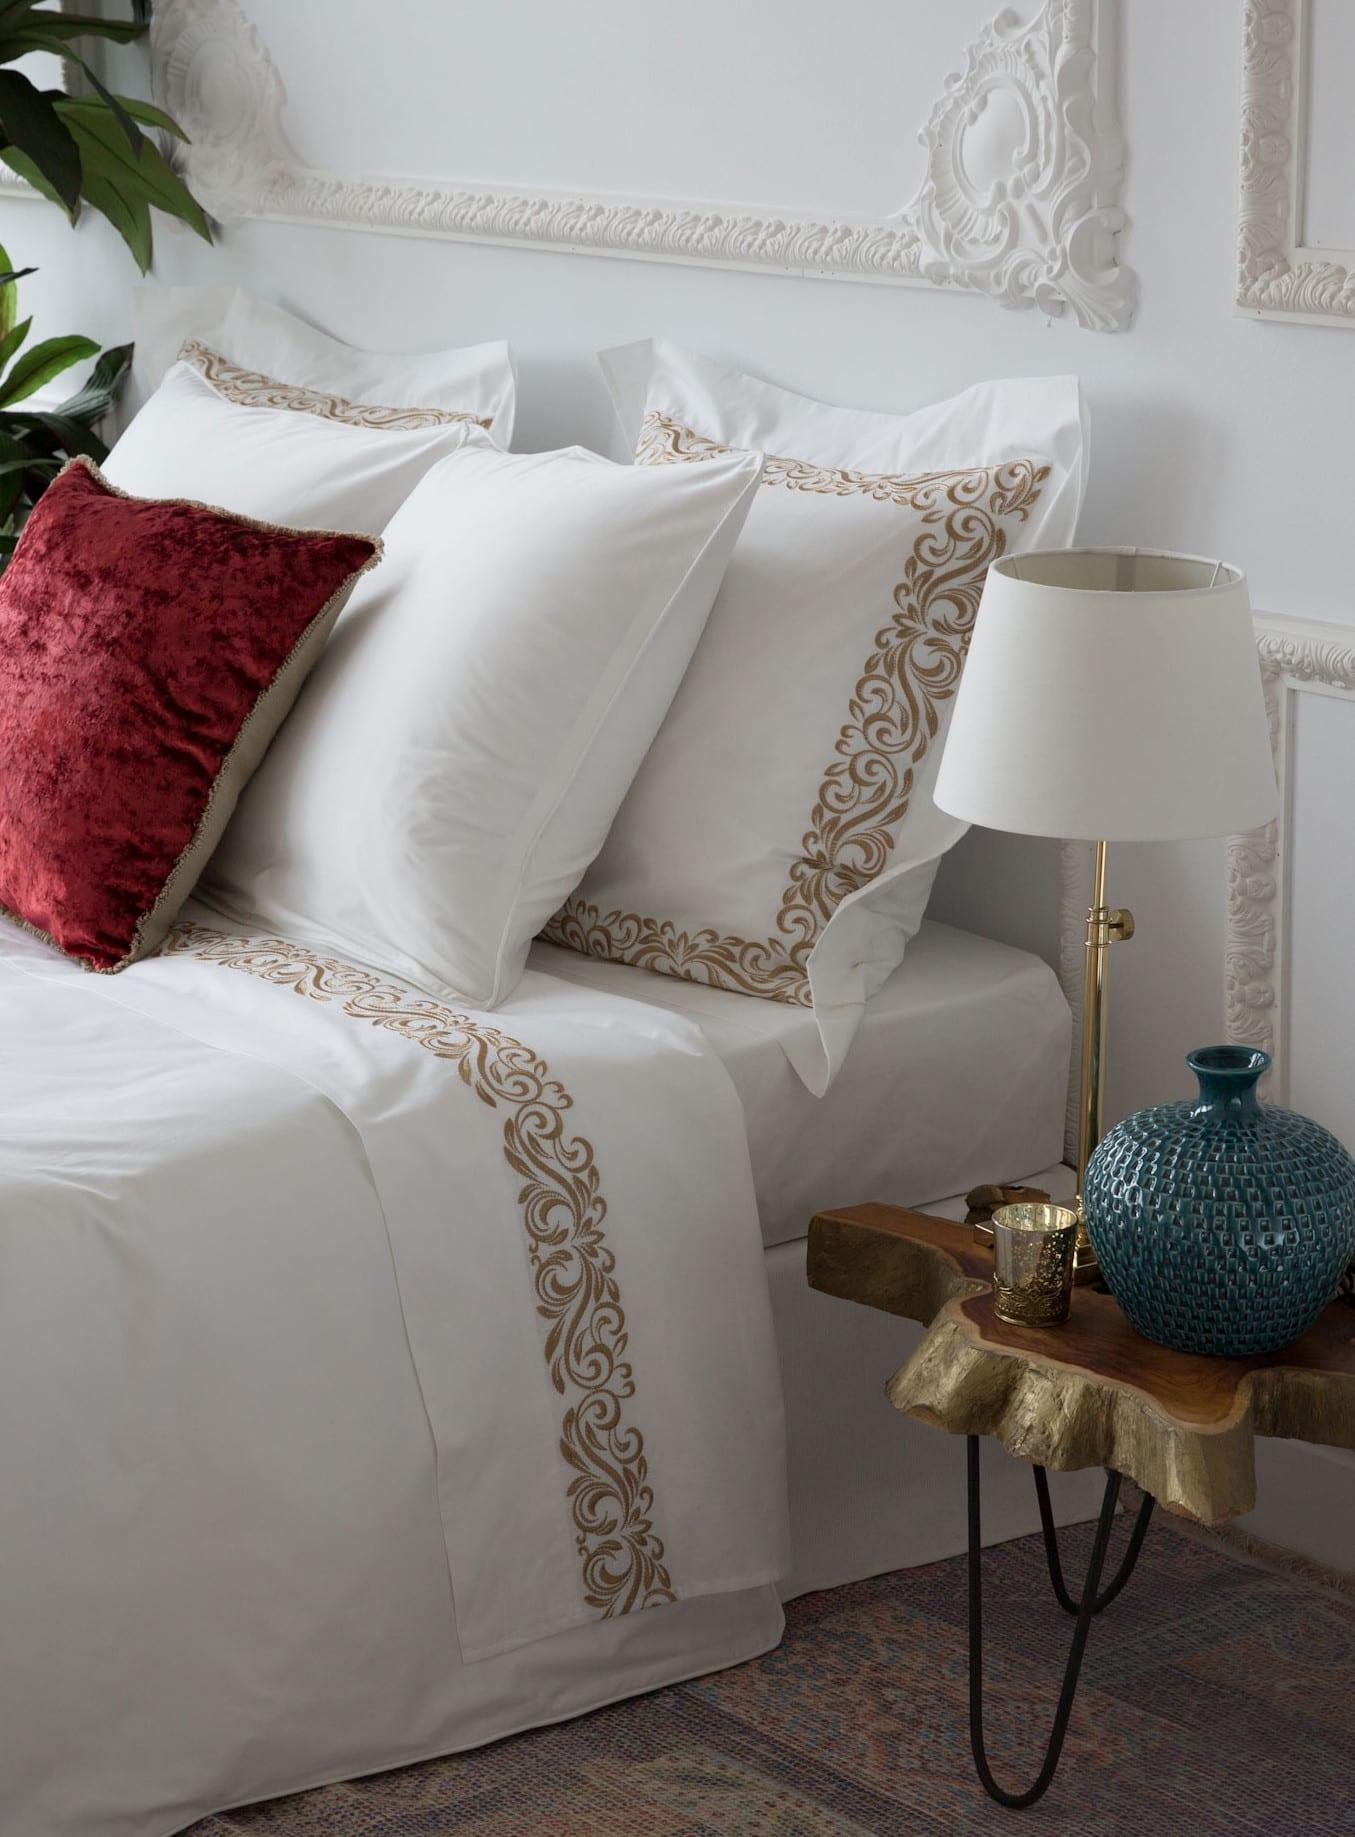 moderne schlafzimmer einrichten mit zara home kissen und bettwäsche weiß und gold und designer-nachttisch aus holz